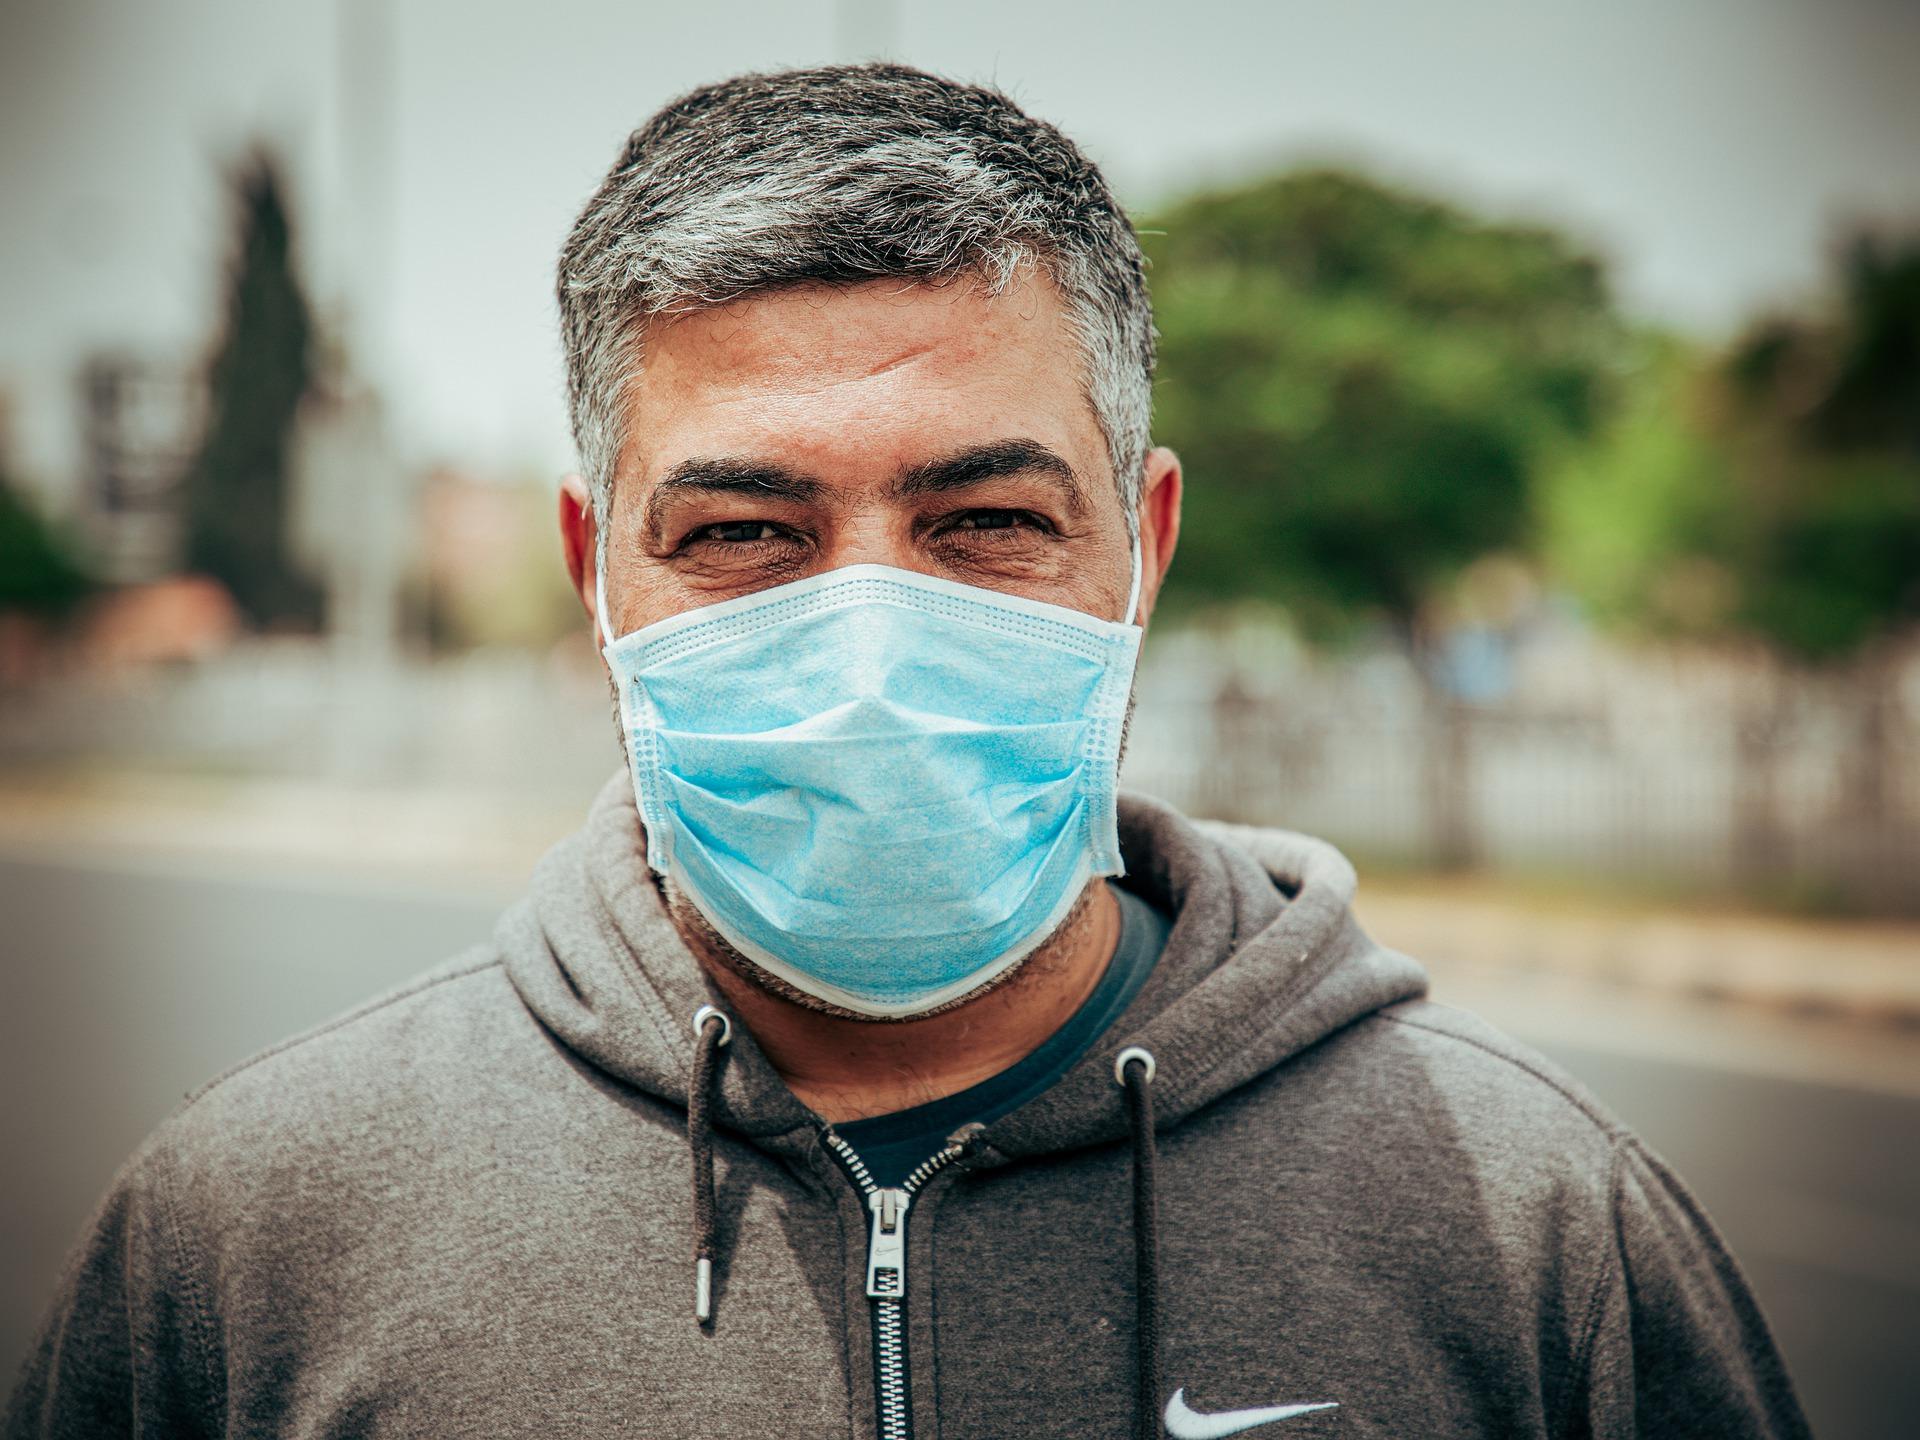 Fenaer apoya la retirada de la exención en el uso de mascarillas a pacientes respiratorios